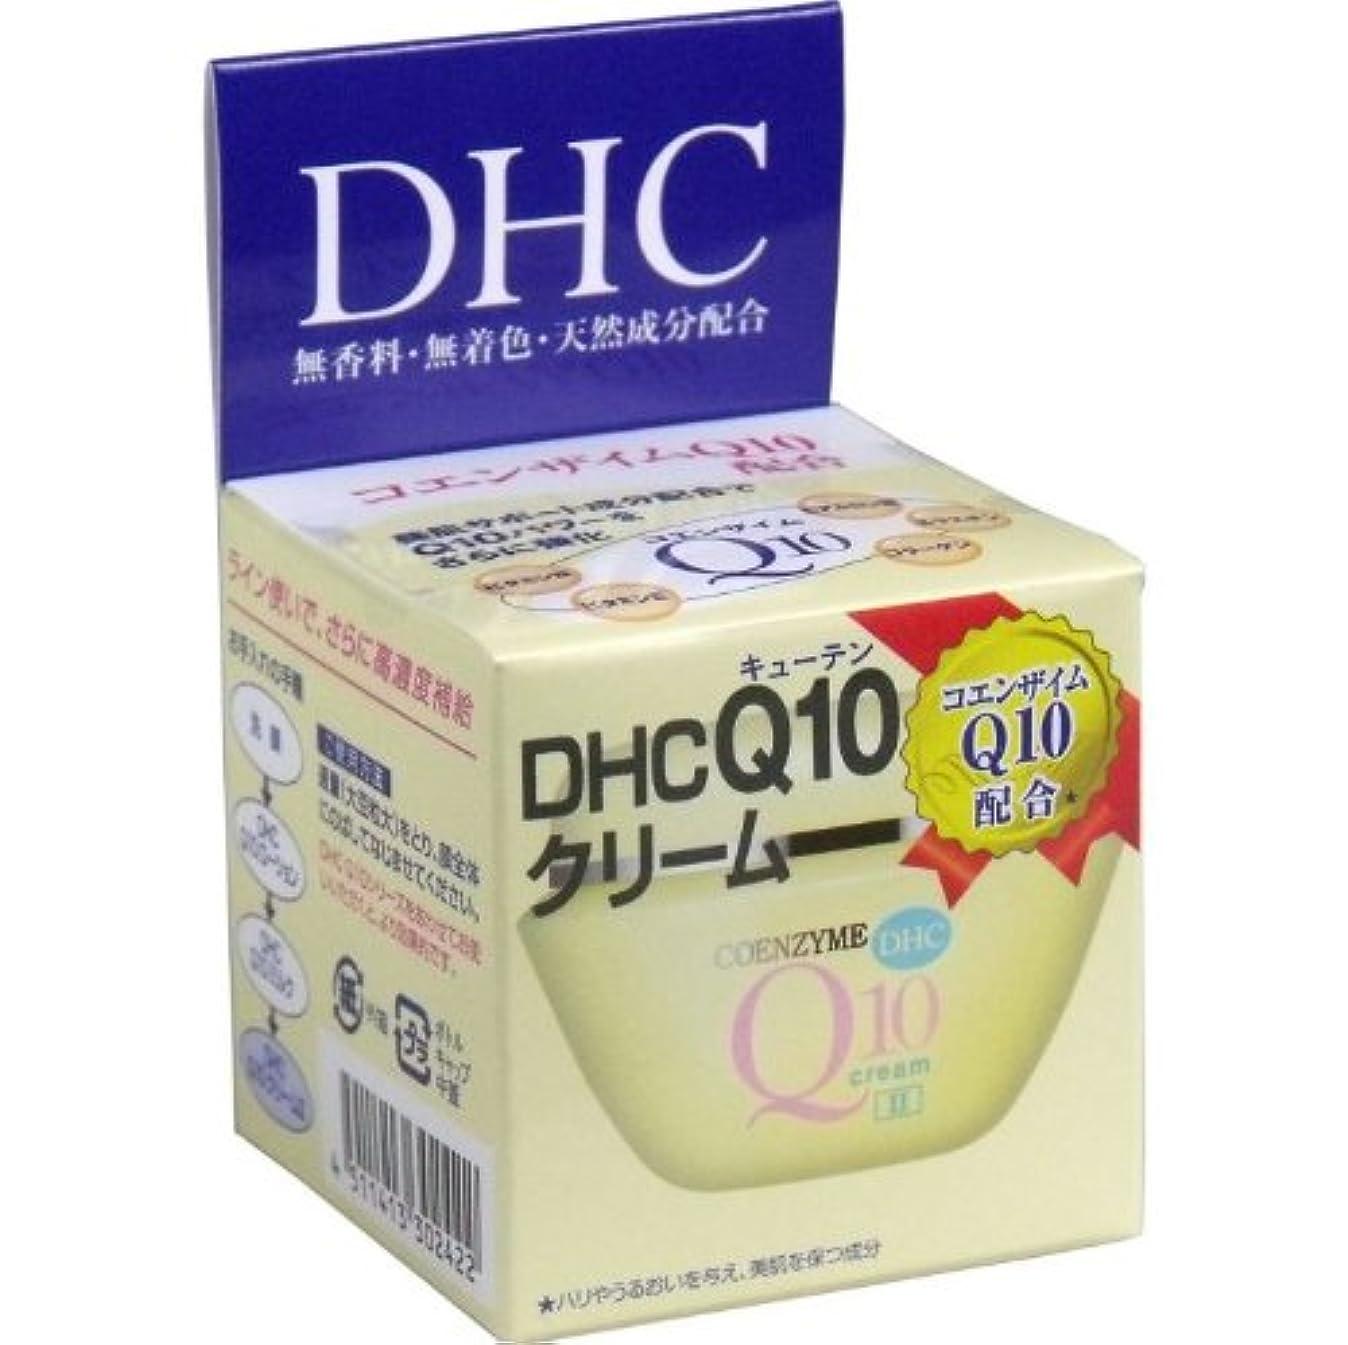 食事を調理するひもつかむDHC Q10クリーム2 20g 5個セット